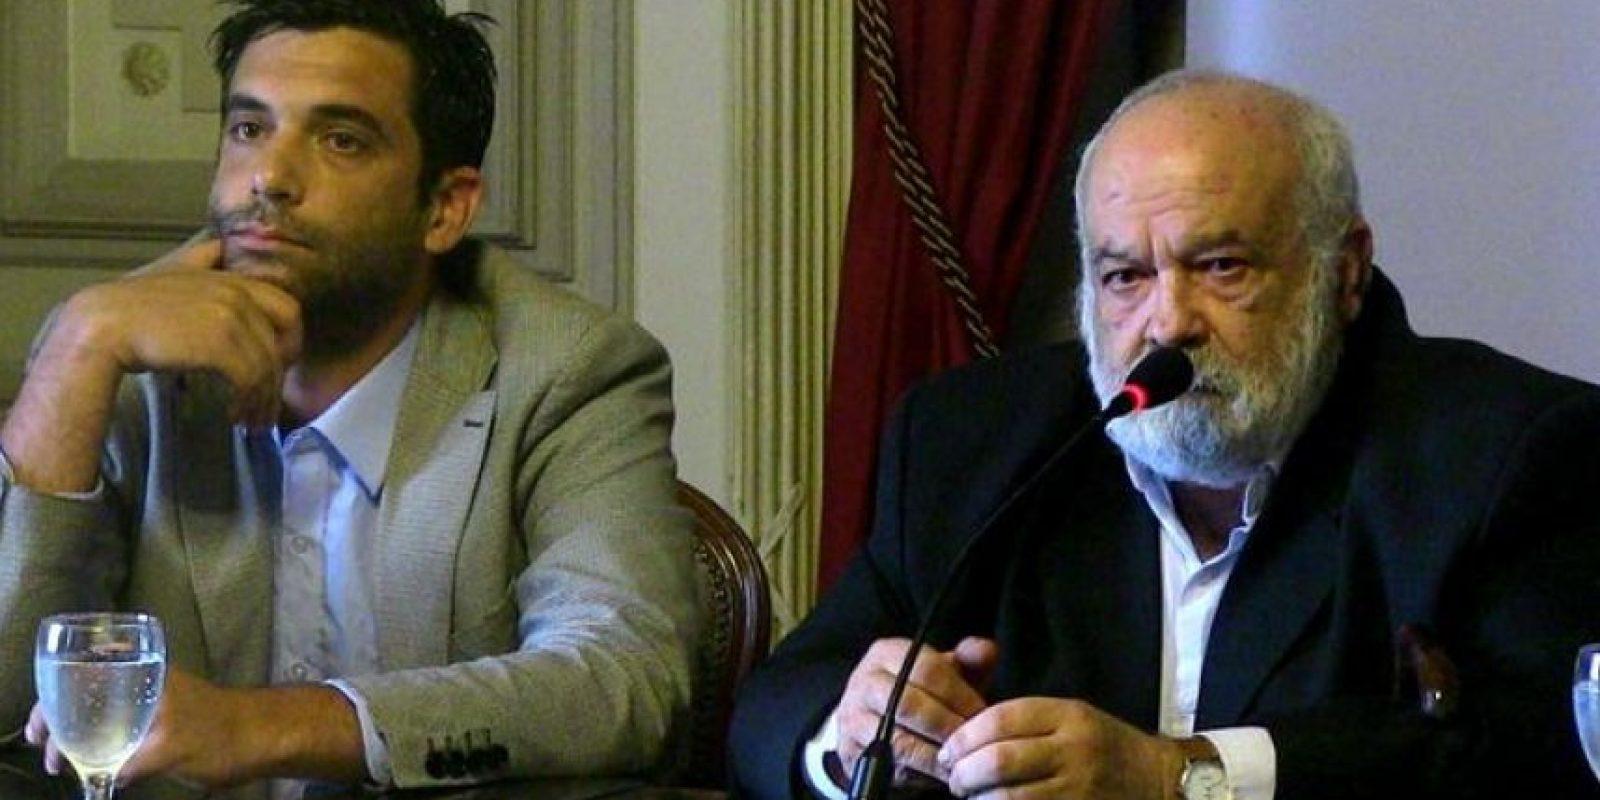 El ministro uruguayo de Defensa, Eleuterio Fernández Huidobro (d), y el director general del ministerio de Defensa, Hernán Planchón (i), ofrecen una rueda de prensa este 15 de enero de 2015, en Montevideo (Uruguay). EFE